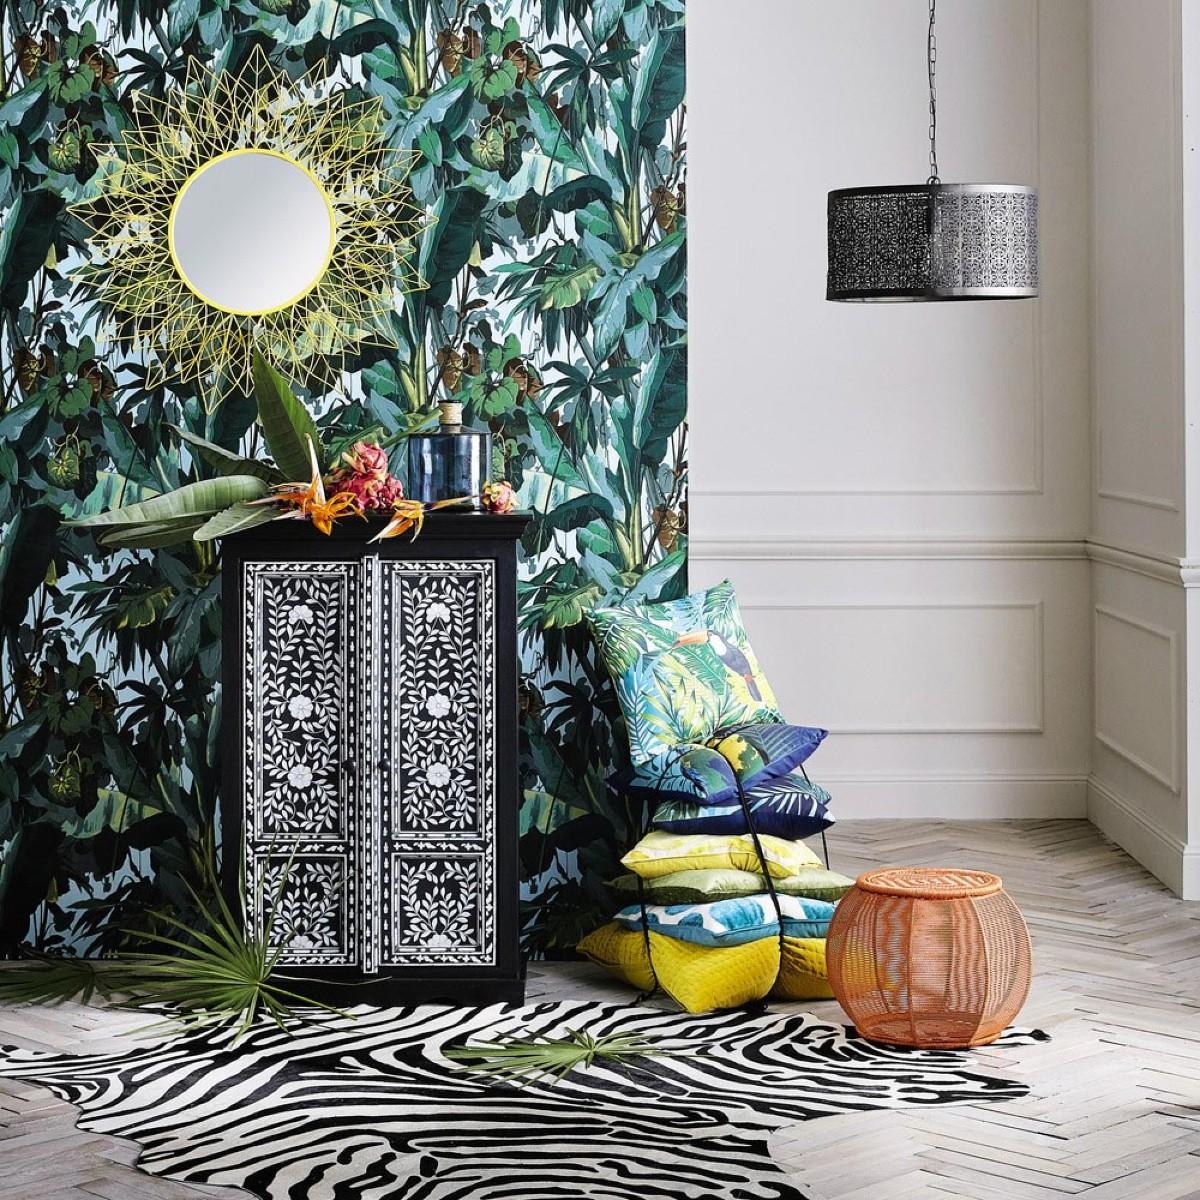 decorazioni stile tropical 12